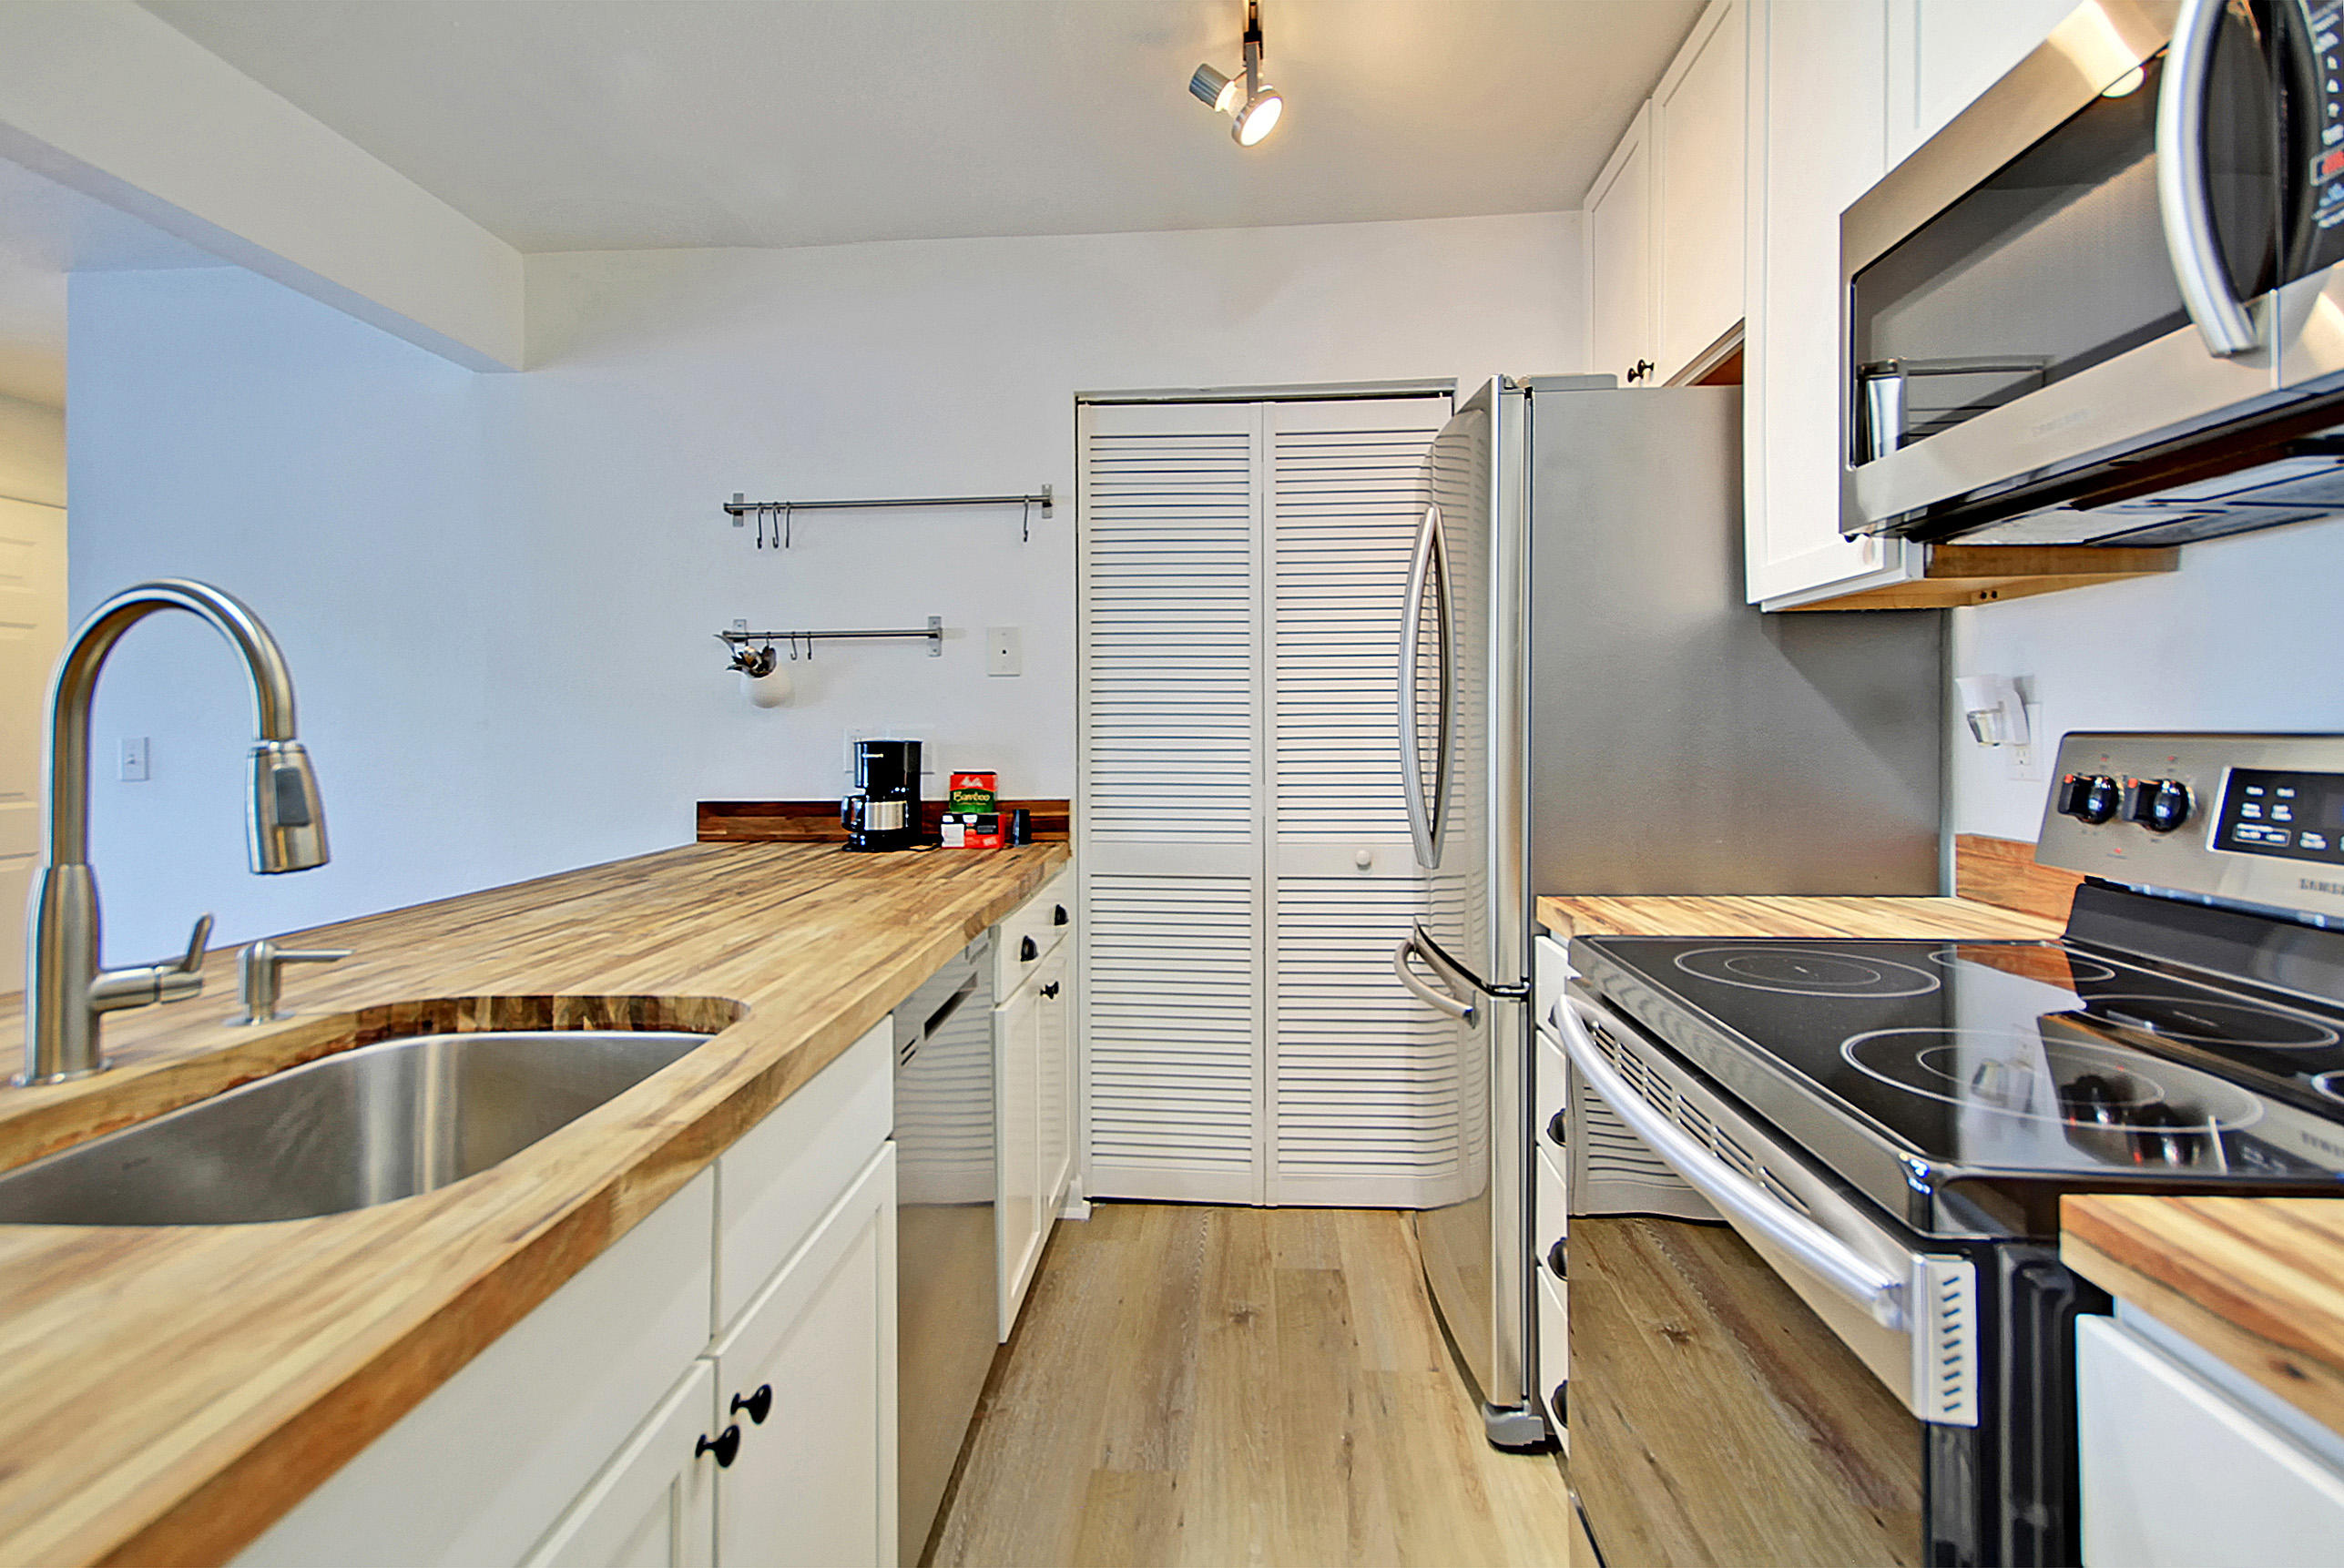 East Bridge Town Lofts Homes For Sale - 268 Alexandra, Mount Pleasant, SC - 11